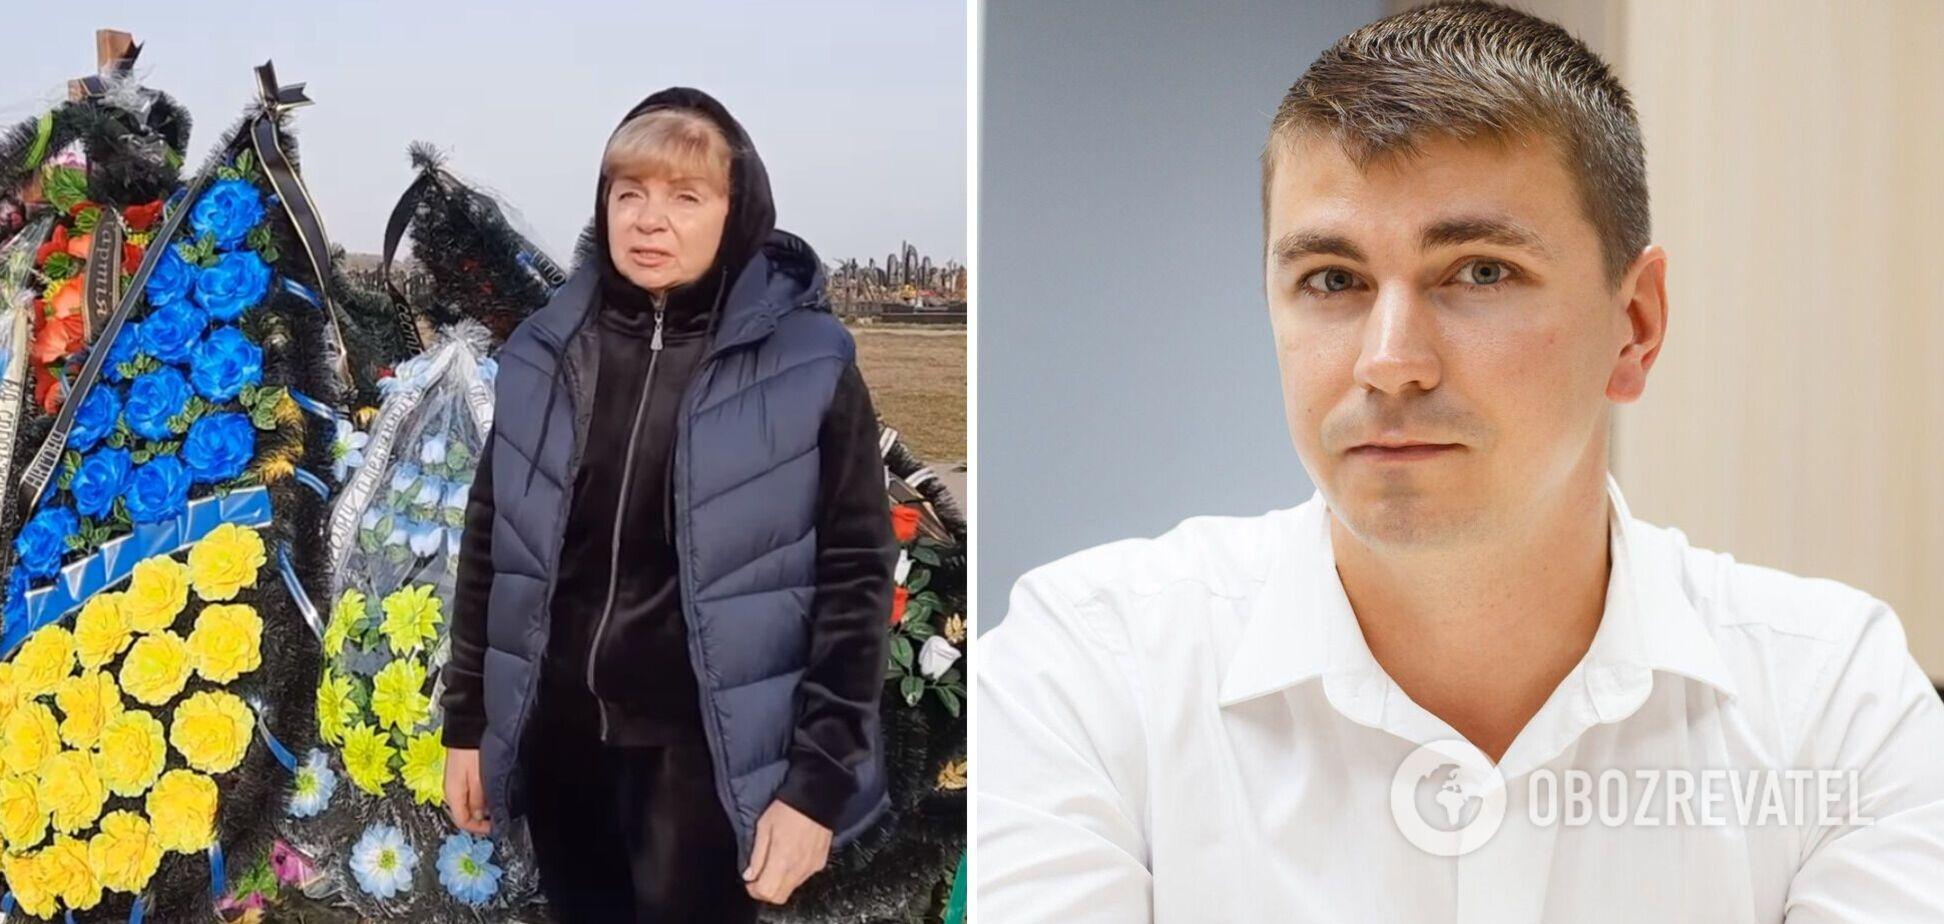 Мати Полякова записала відеозвернення після похорону сина